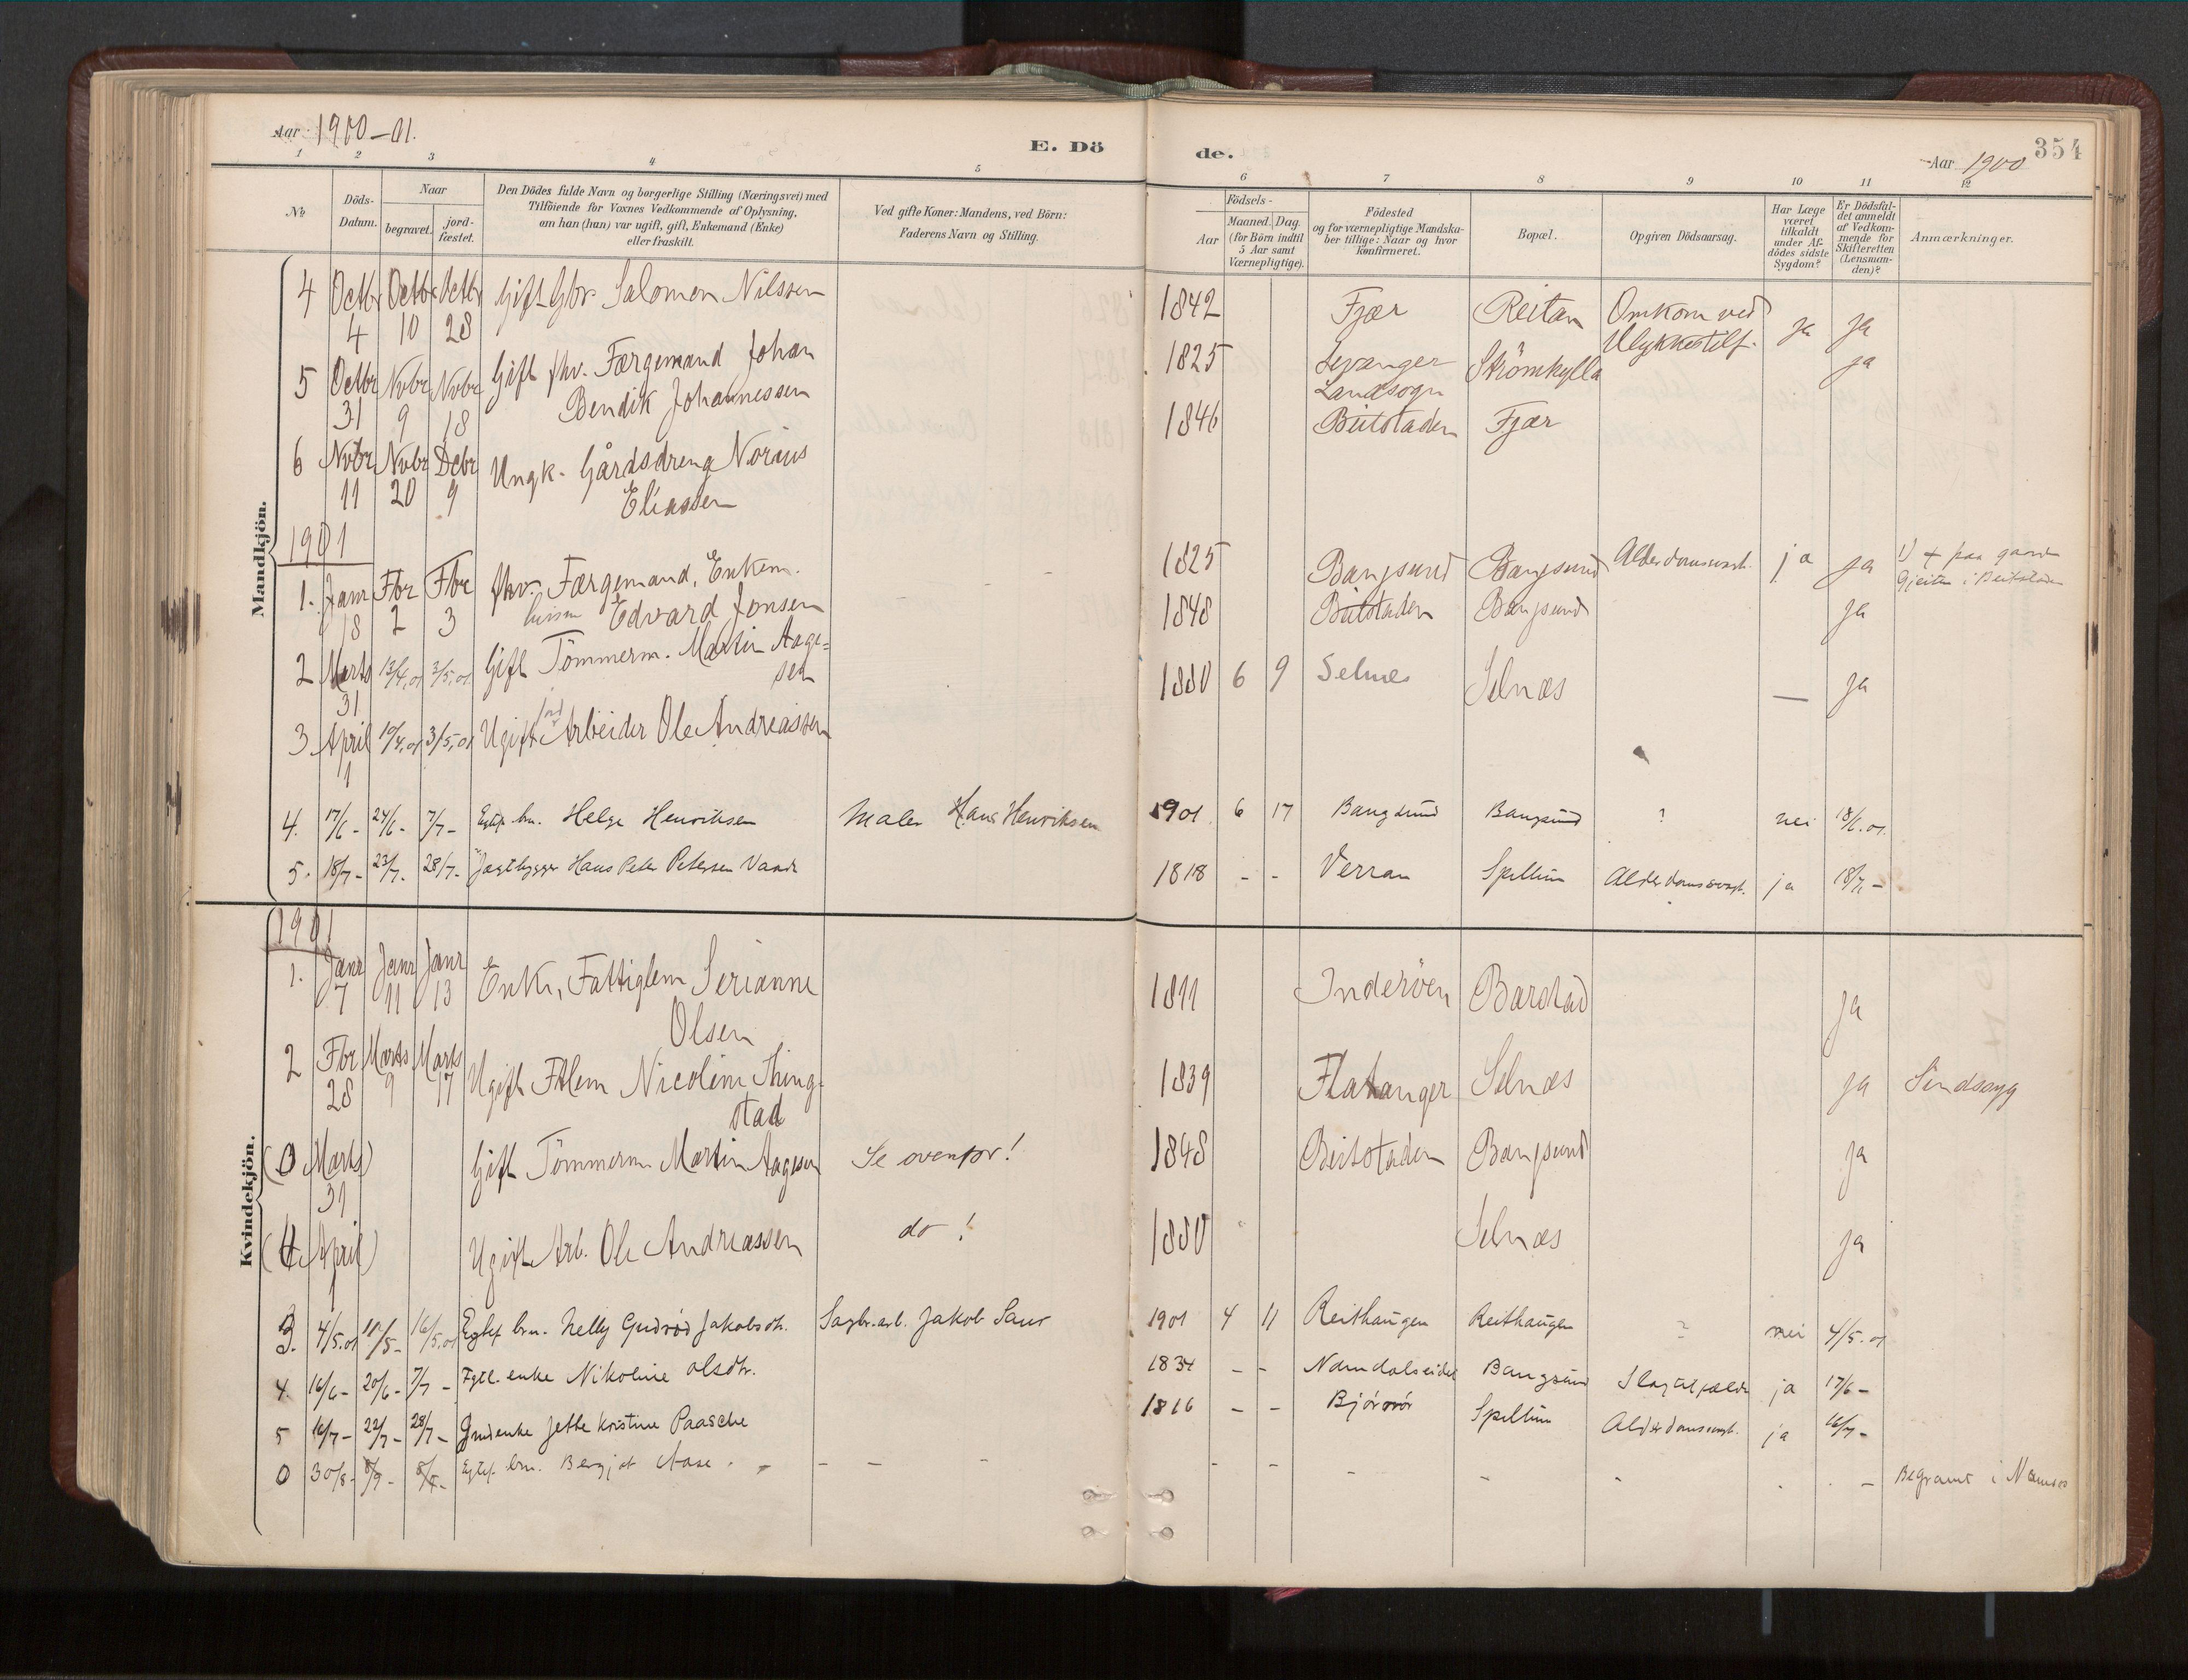 SAT, Ministerialprotokoller, klokkerbøker og fødselsregistre - Nord-Trøndelag, 770/L0589: Ministerialbok nr. 770A03, 1887-1929, s. 354